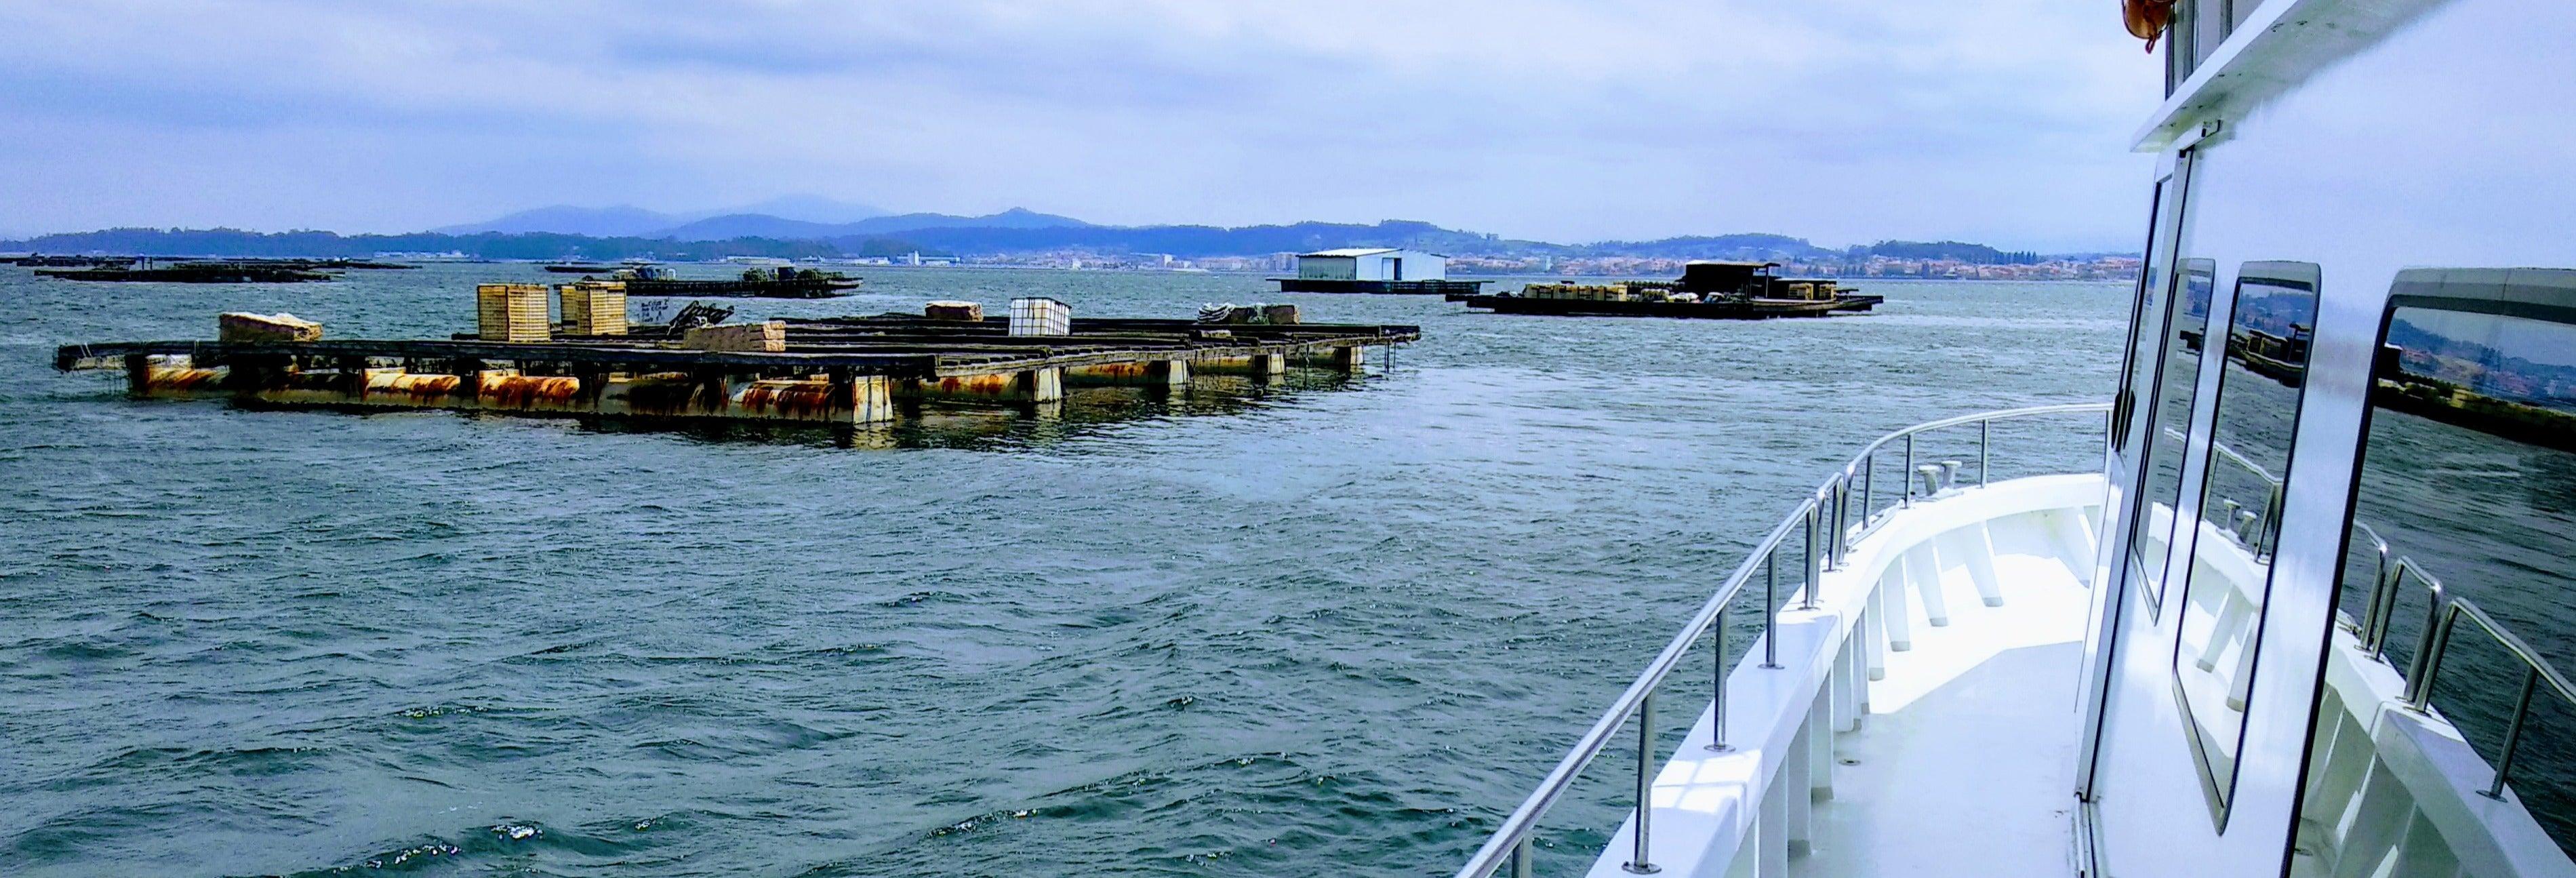 Passeio de barco pela Ria de Arousa com almoço